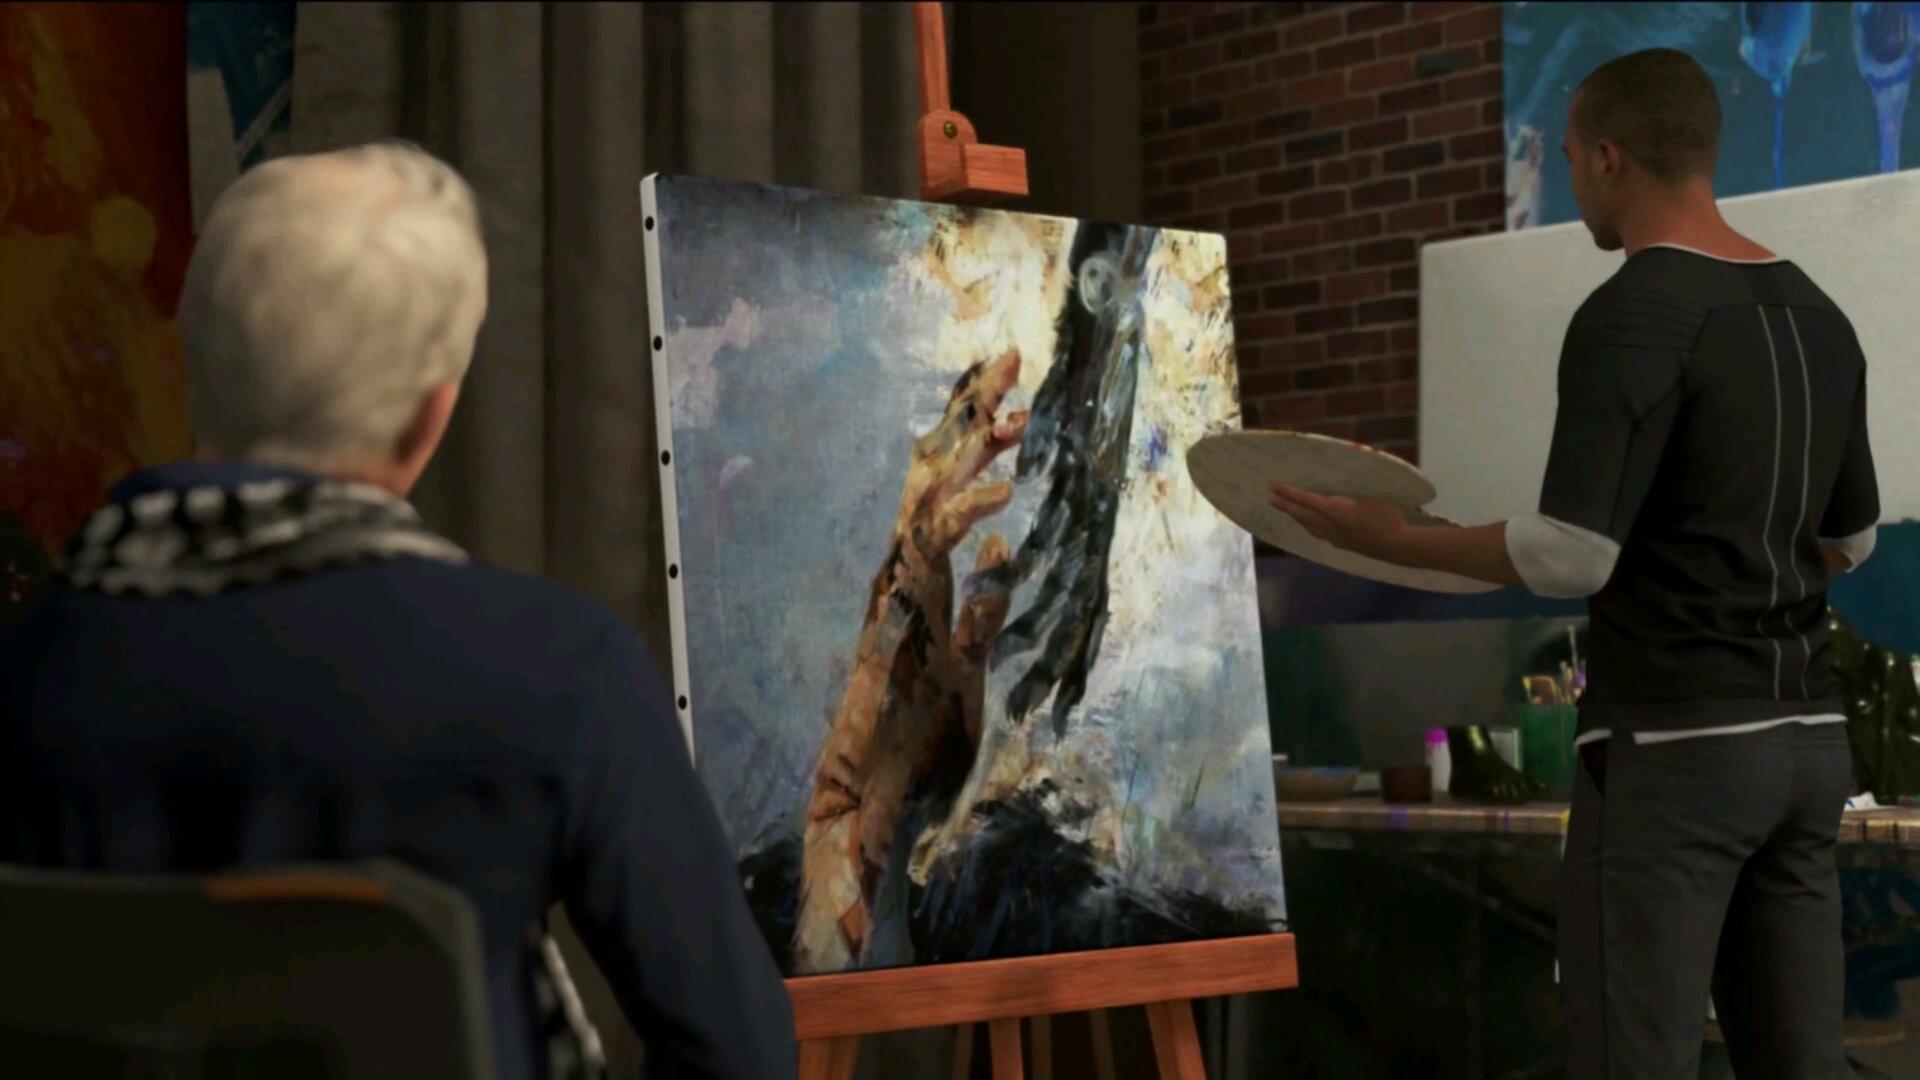 底特律马库斯_底特律变人马库斯画的画致敬彩蛋介绍